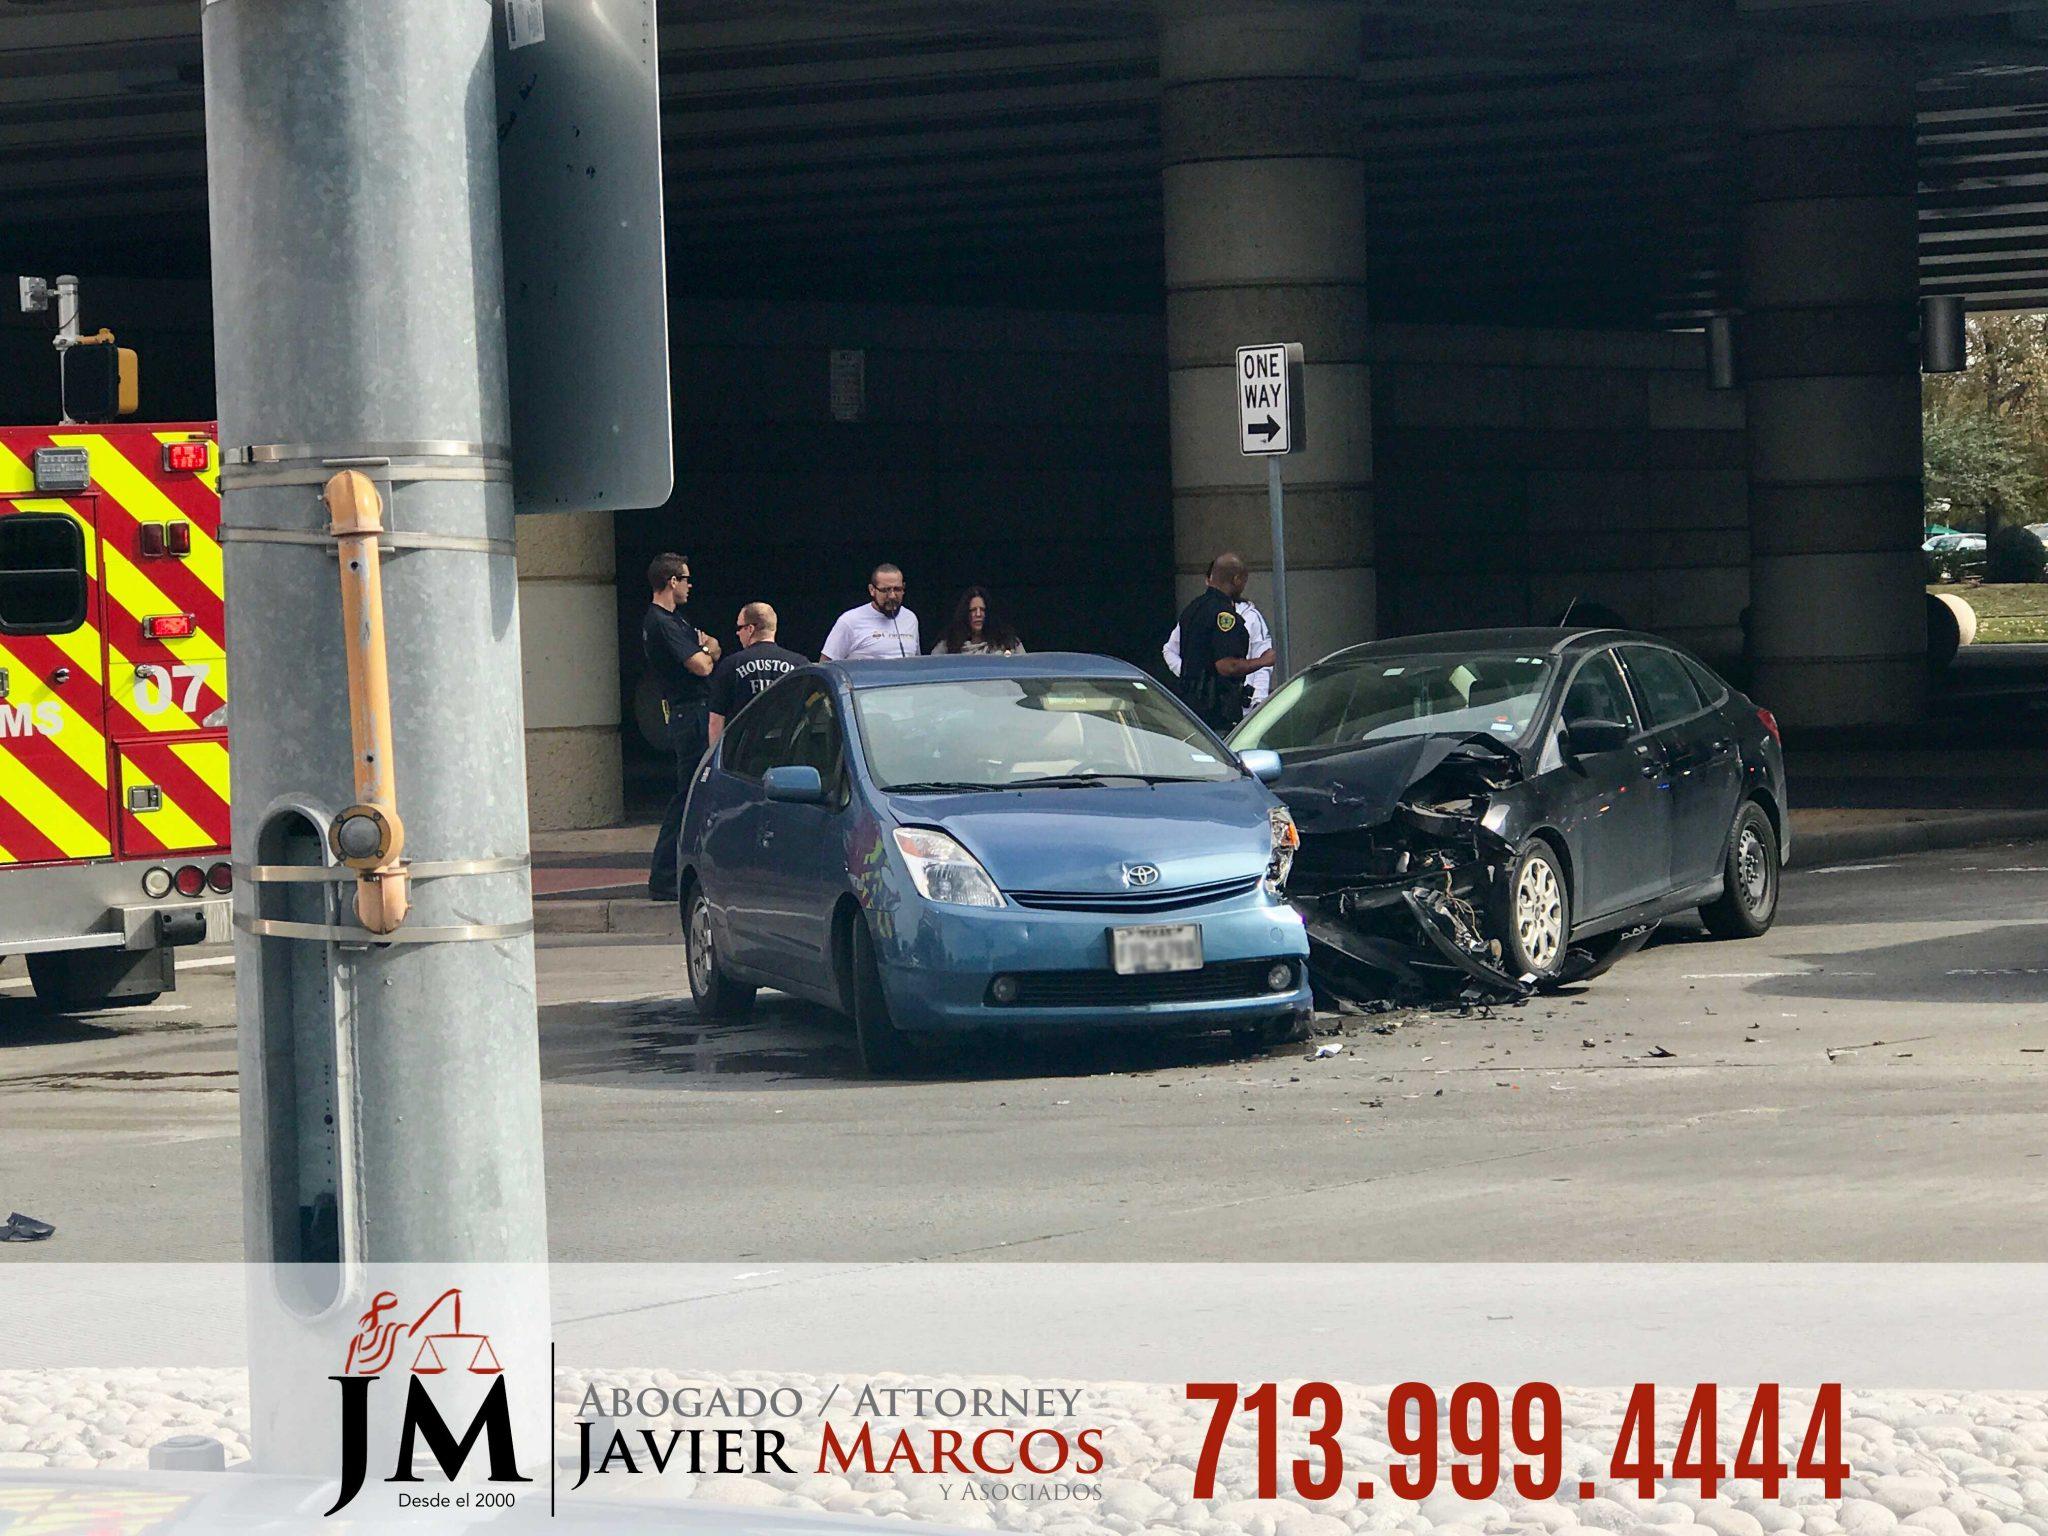 Abogado de Accidentes automovilisticos | Abogado Javier Marcos | 713.999.4444